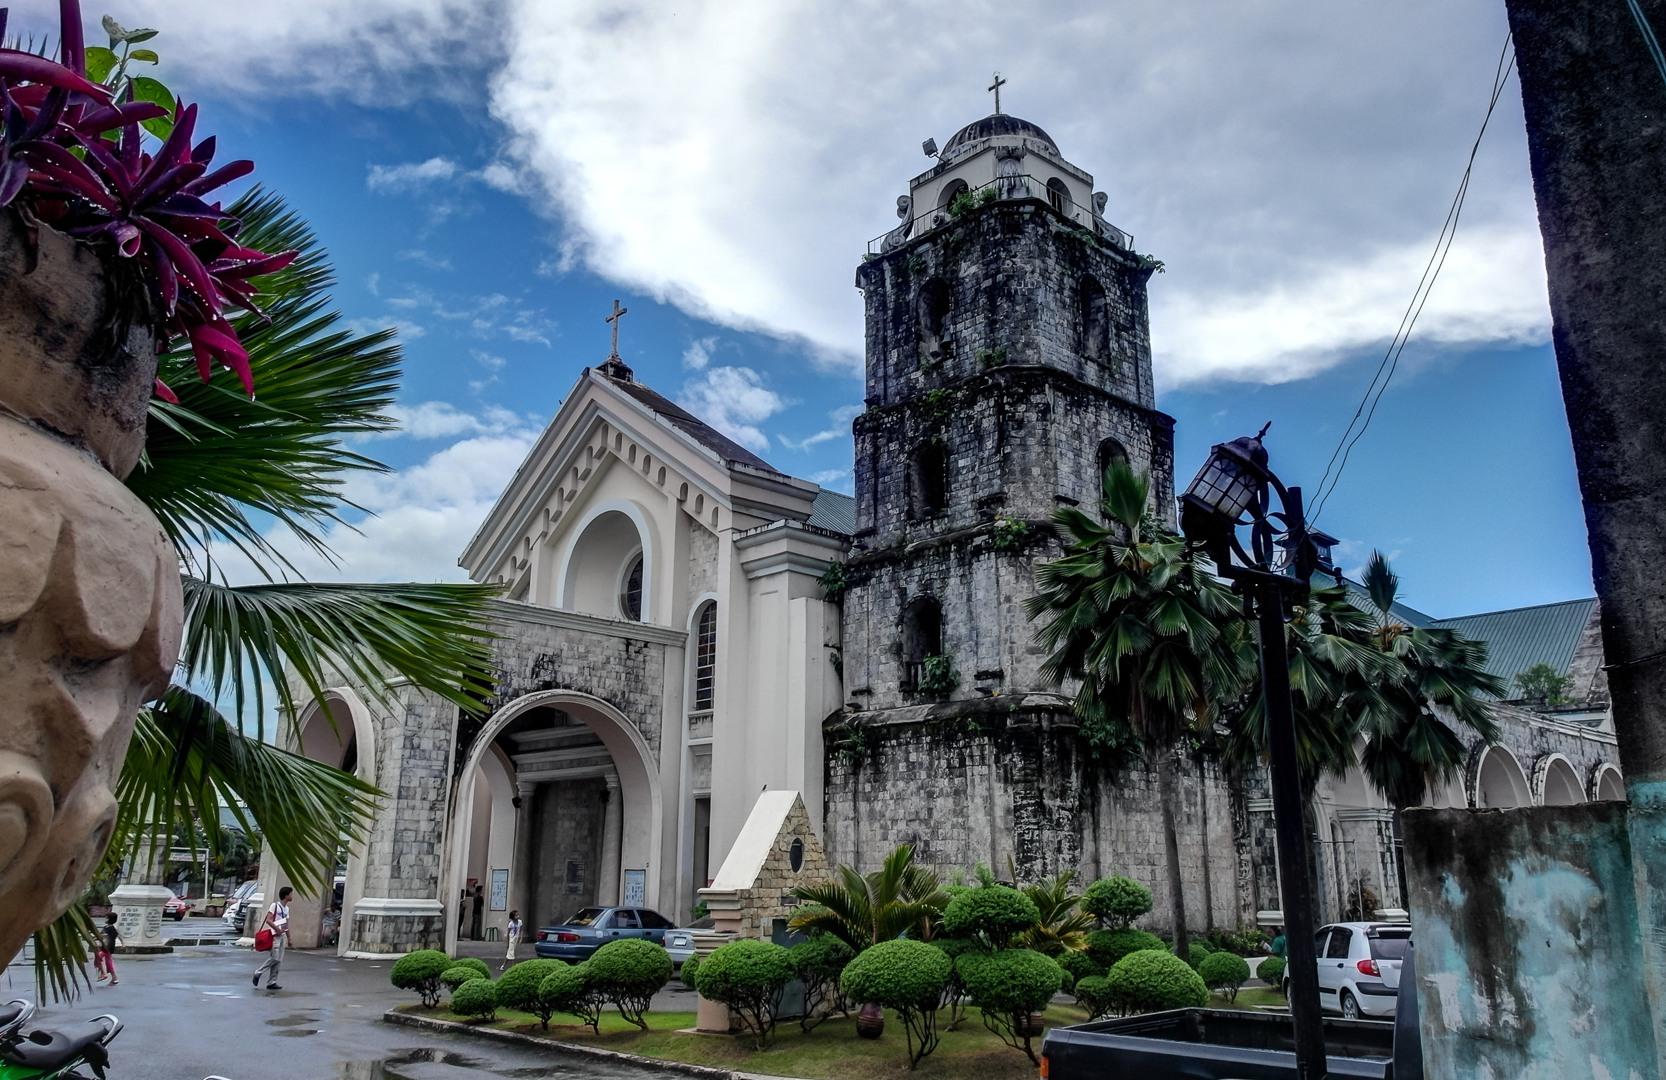 Достопримечательности города Тагбиларан на Филиппинах